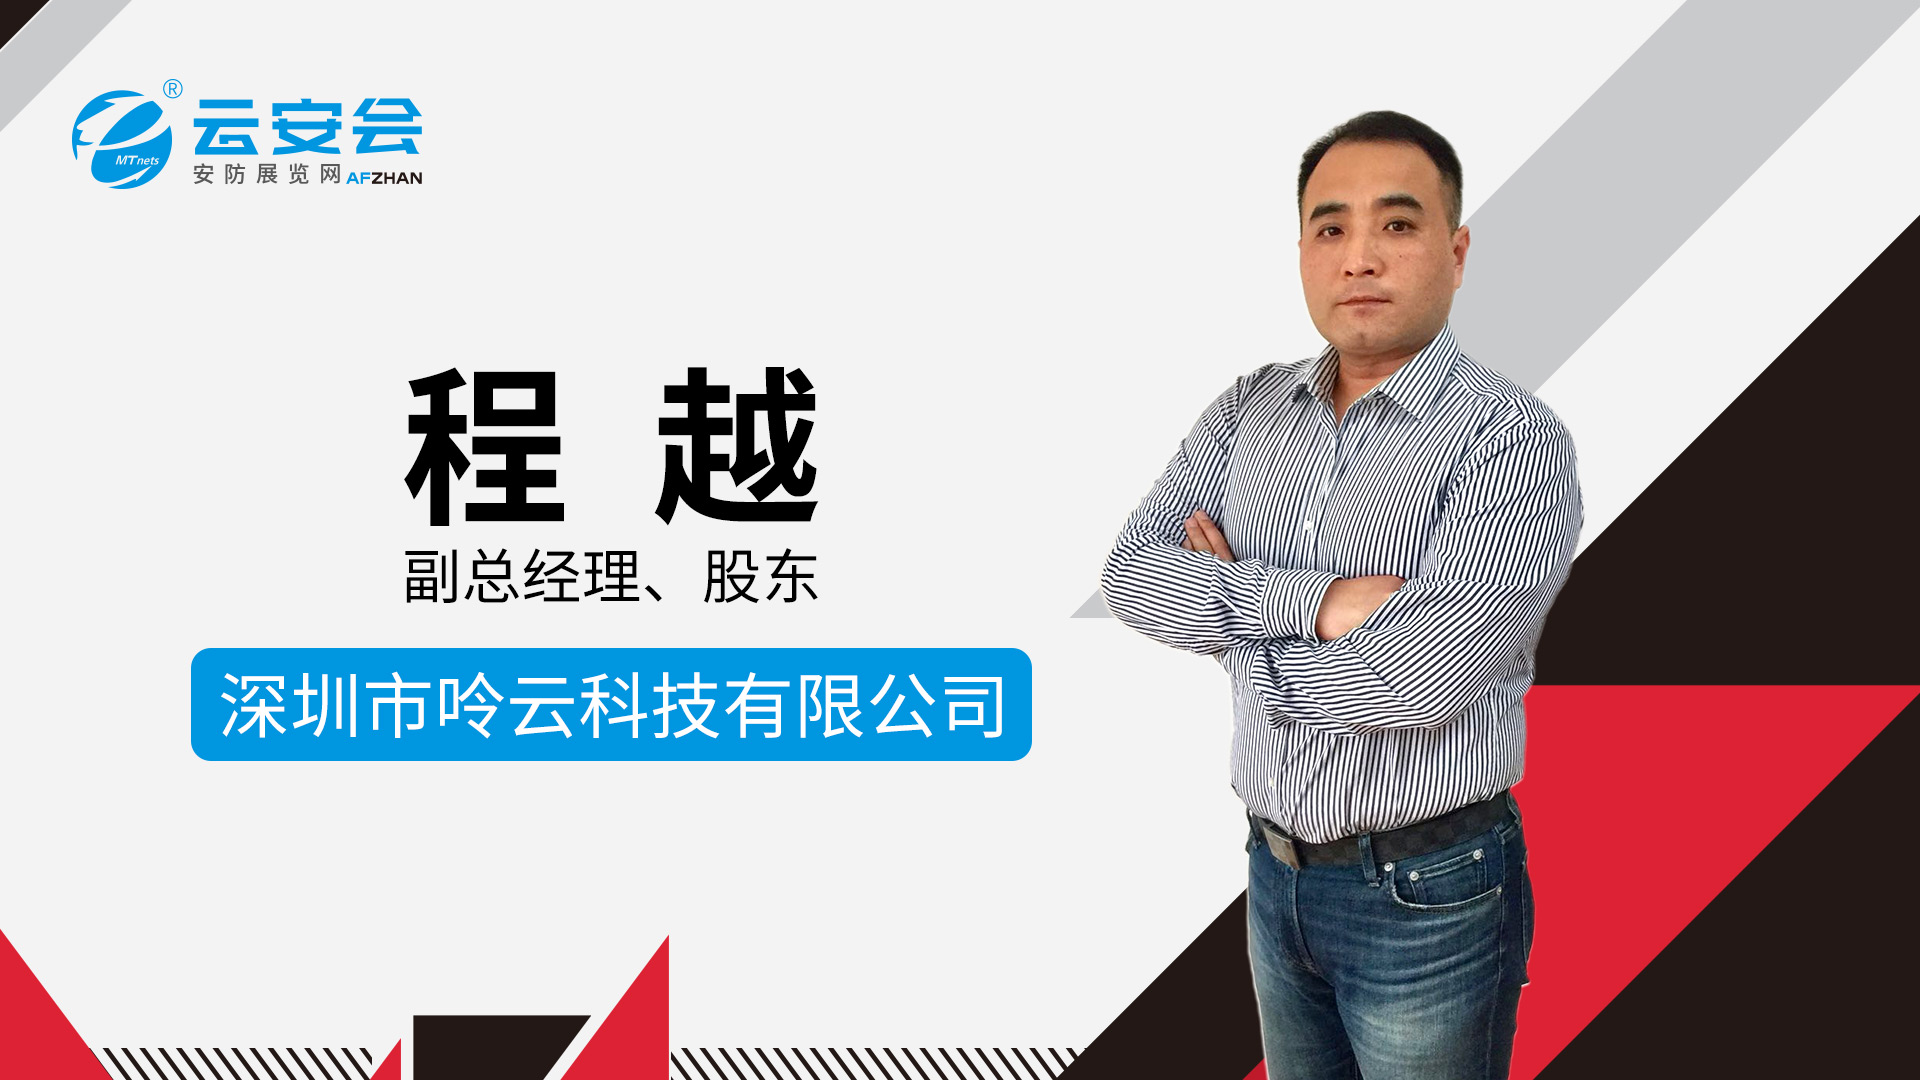 云訪談-專訪深圳市呤云科技有限公司副總經理程越